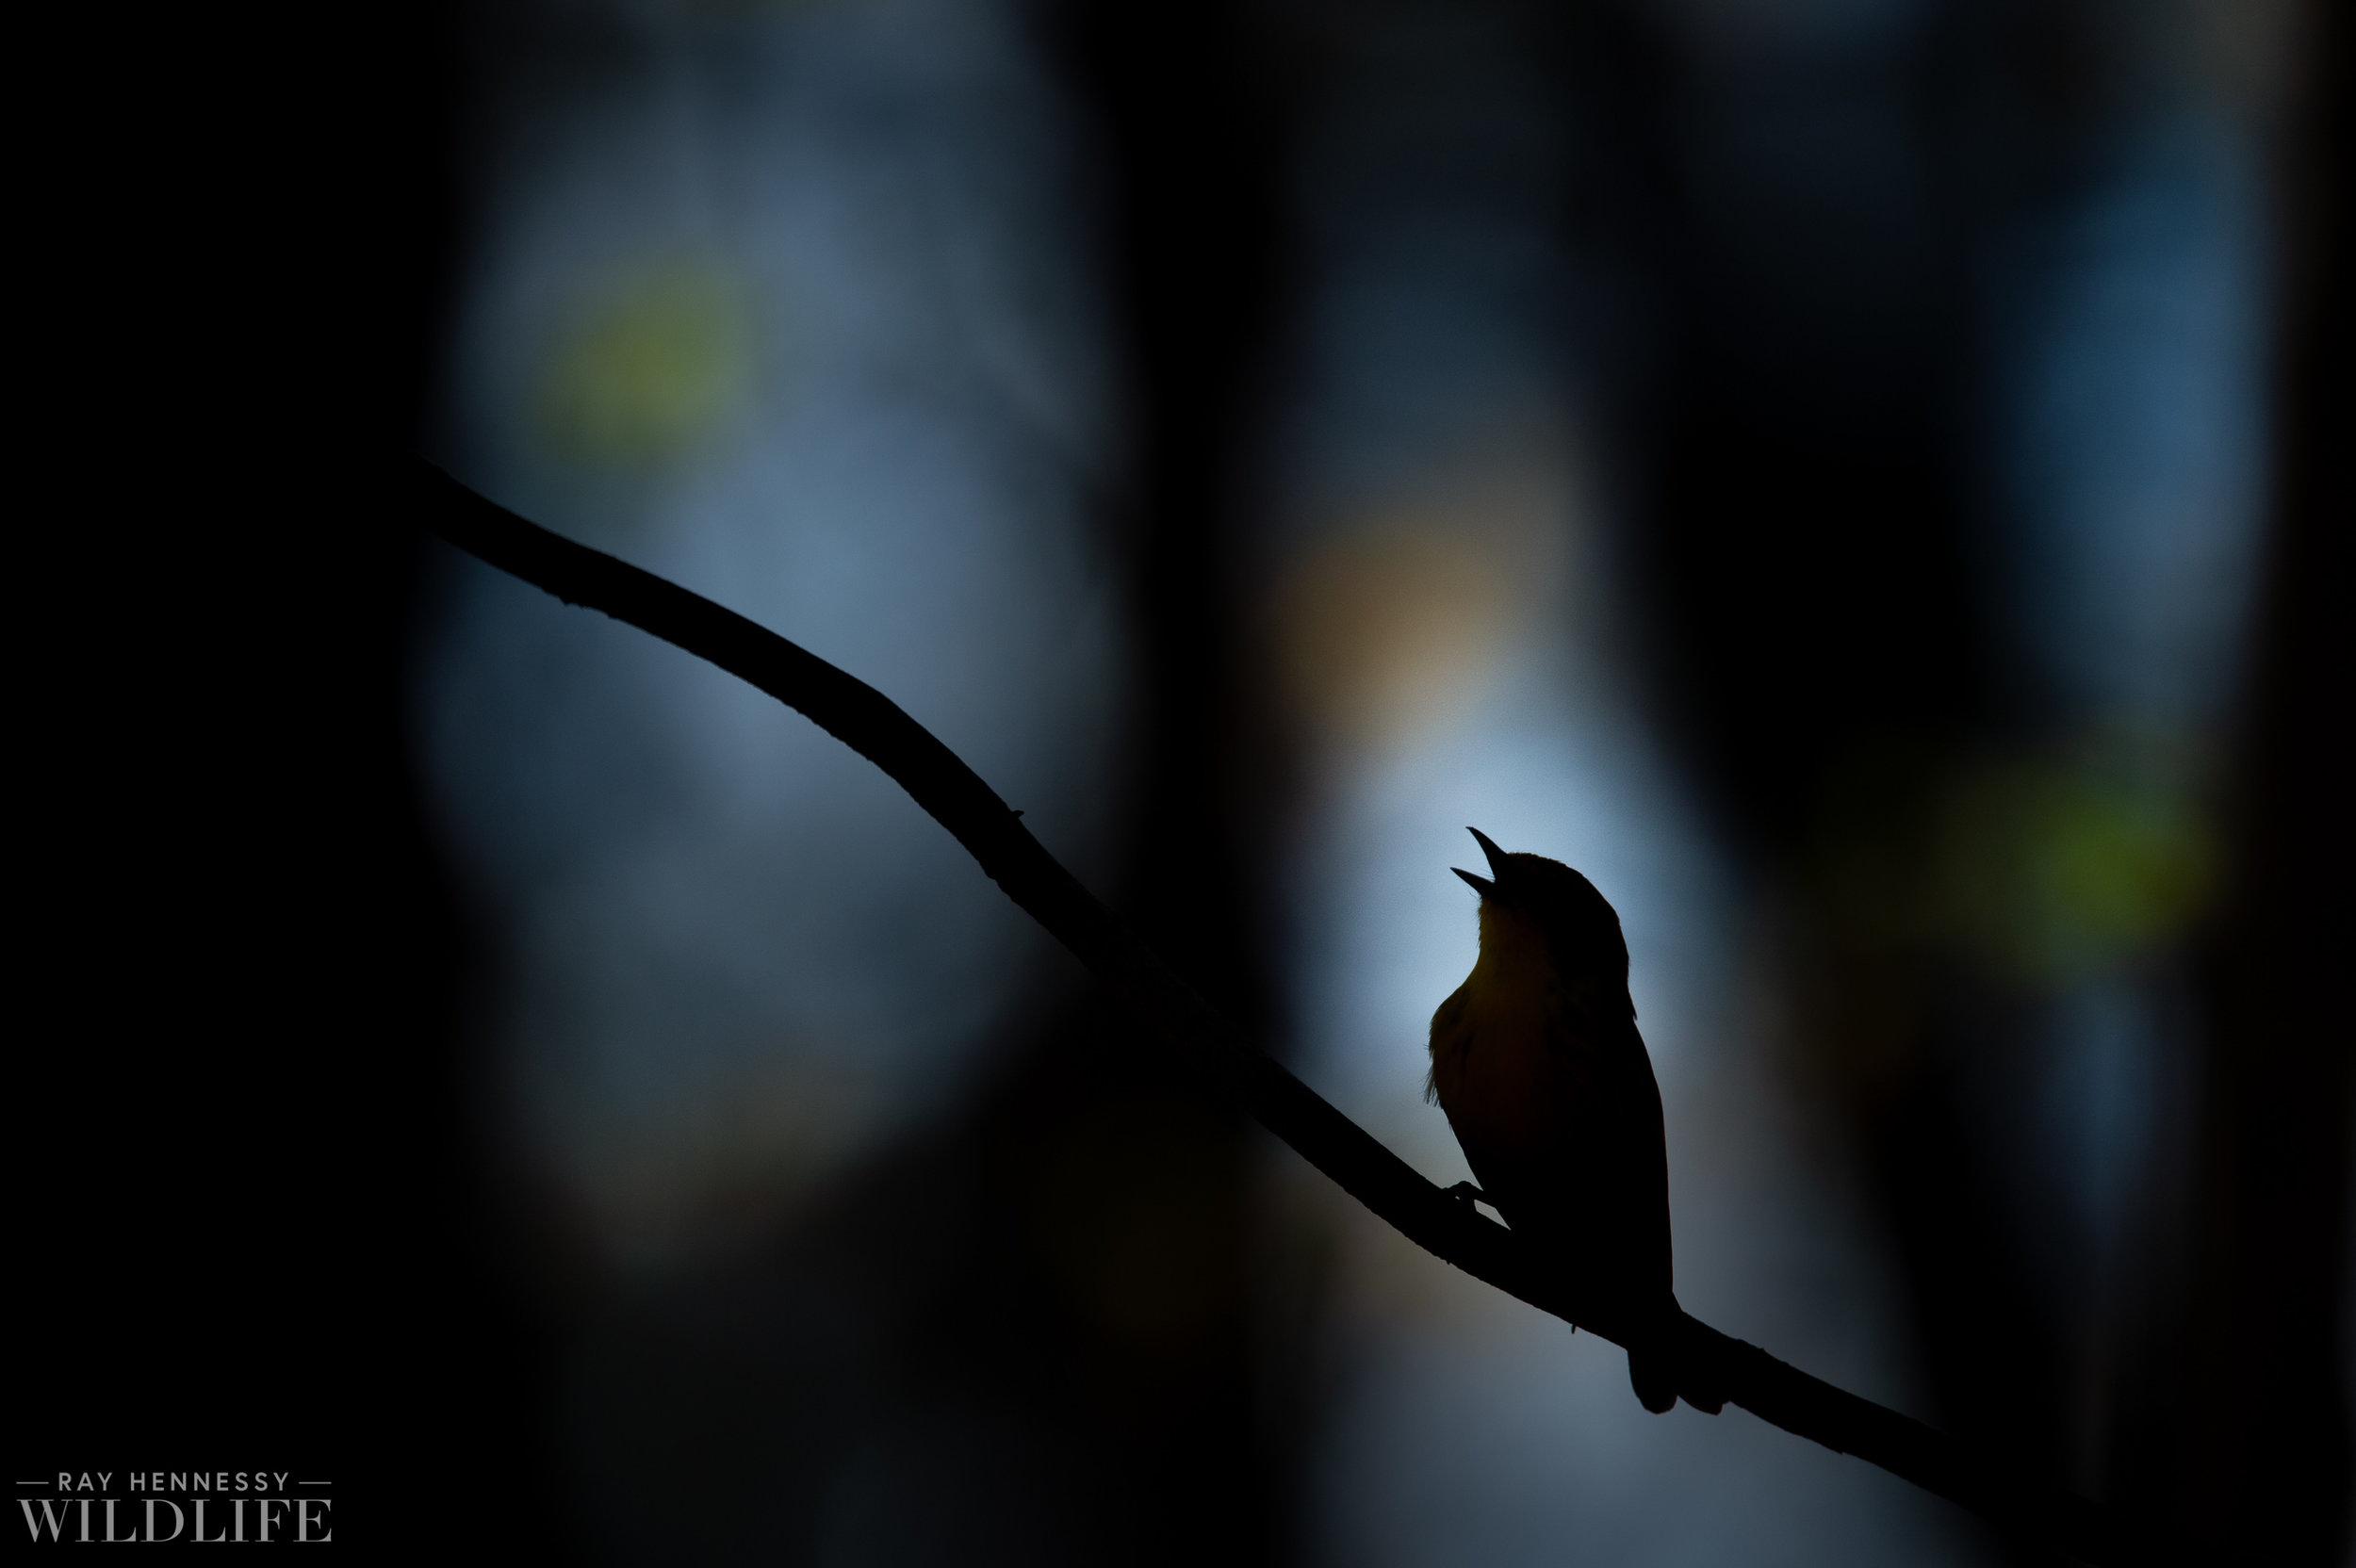 011_louisiana-waterthrush-pine-warbler.jpg